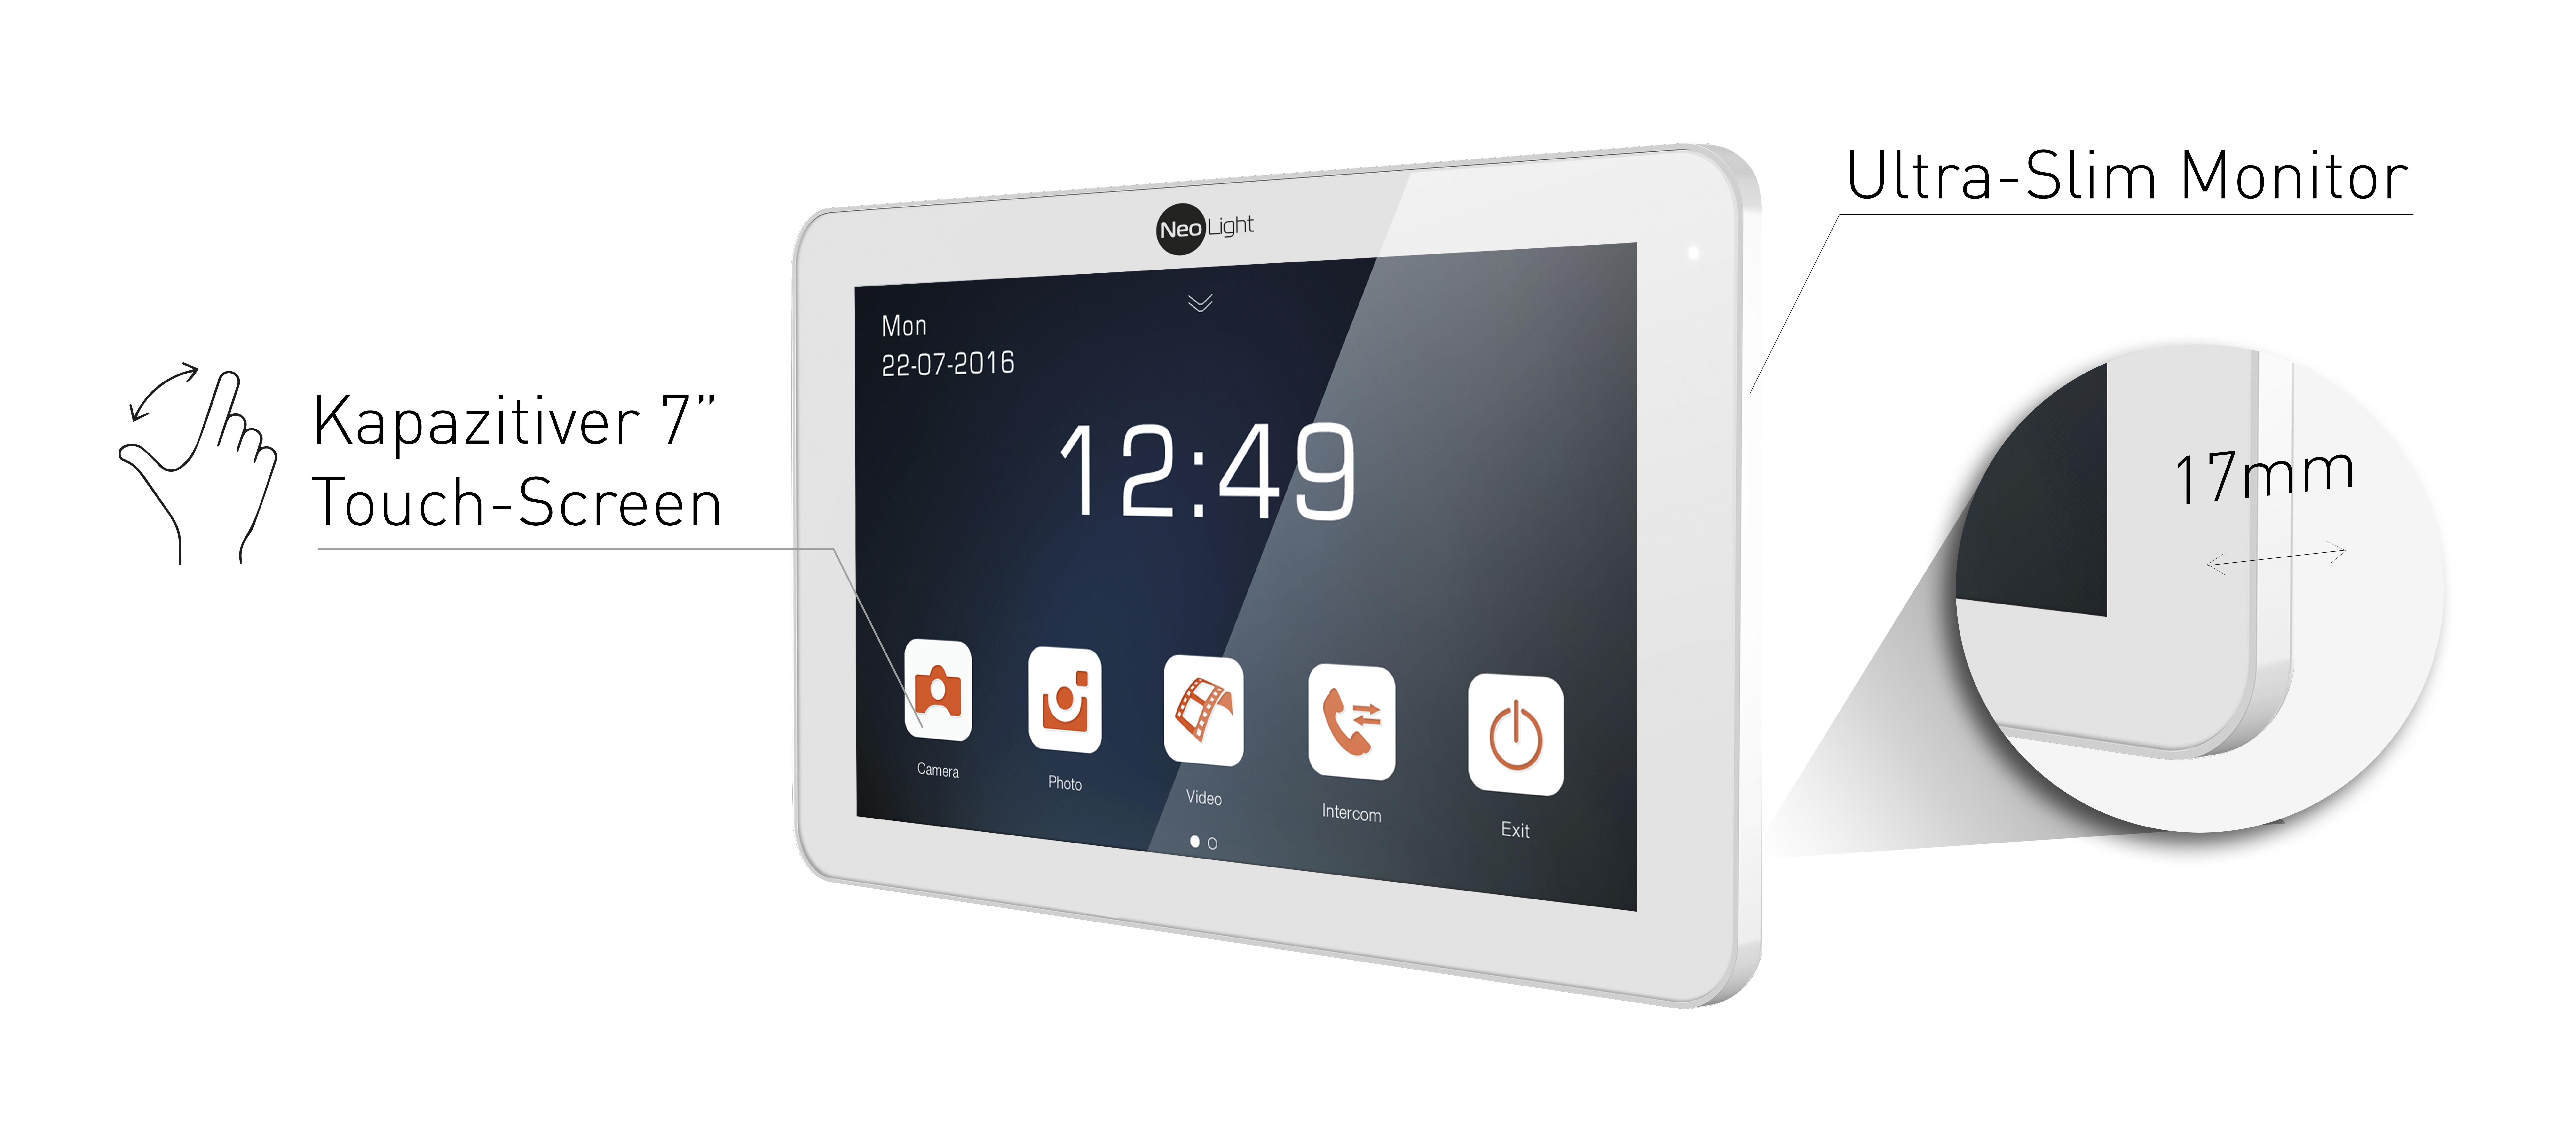 Zusatz-Monitor für Neolight Porta 7 - Balter.de